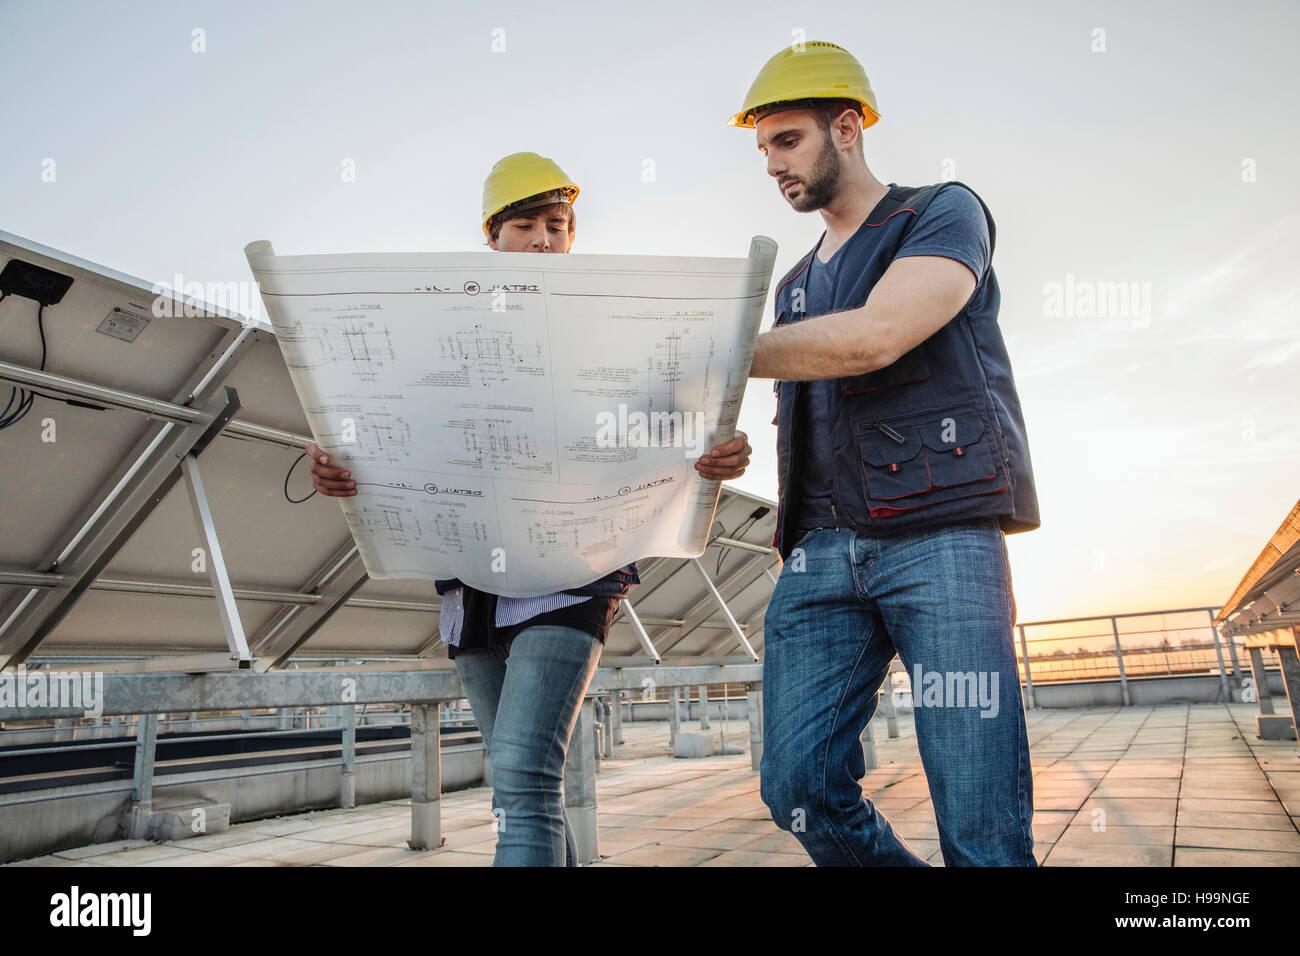 Ingeniero y arquitecto inspeccionando estación de energía solar Imagen De Stock